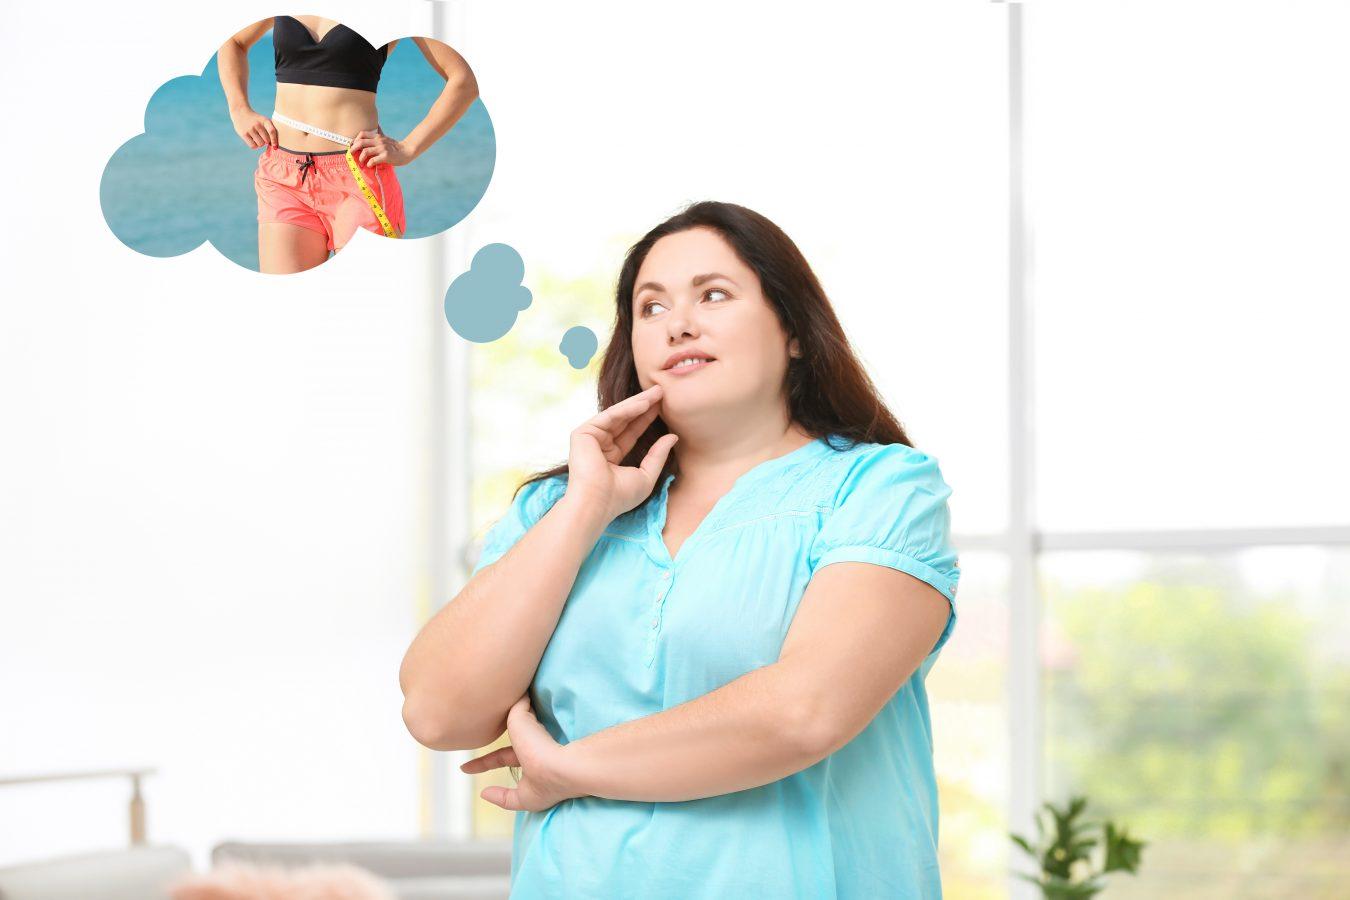 efectele asupra sănătății negative ale scăderii în greutate)